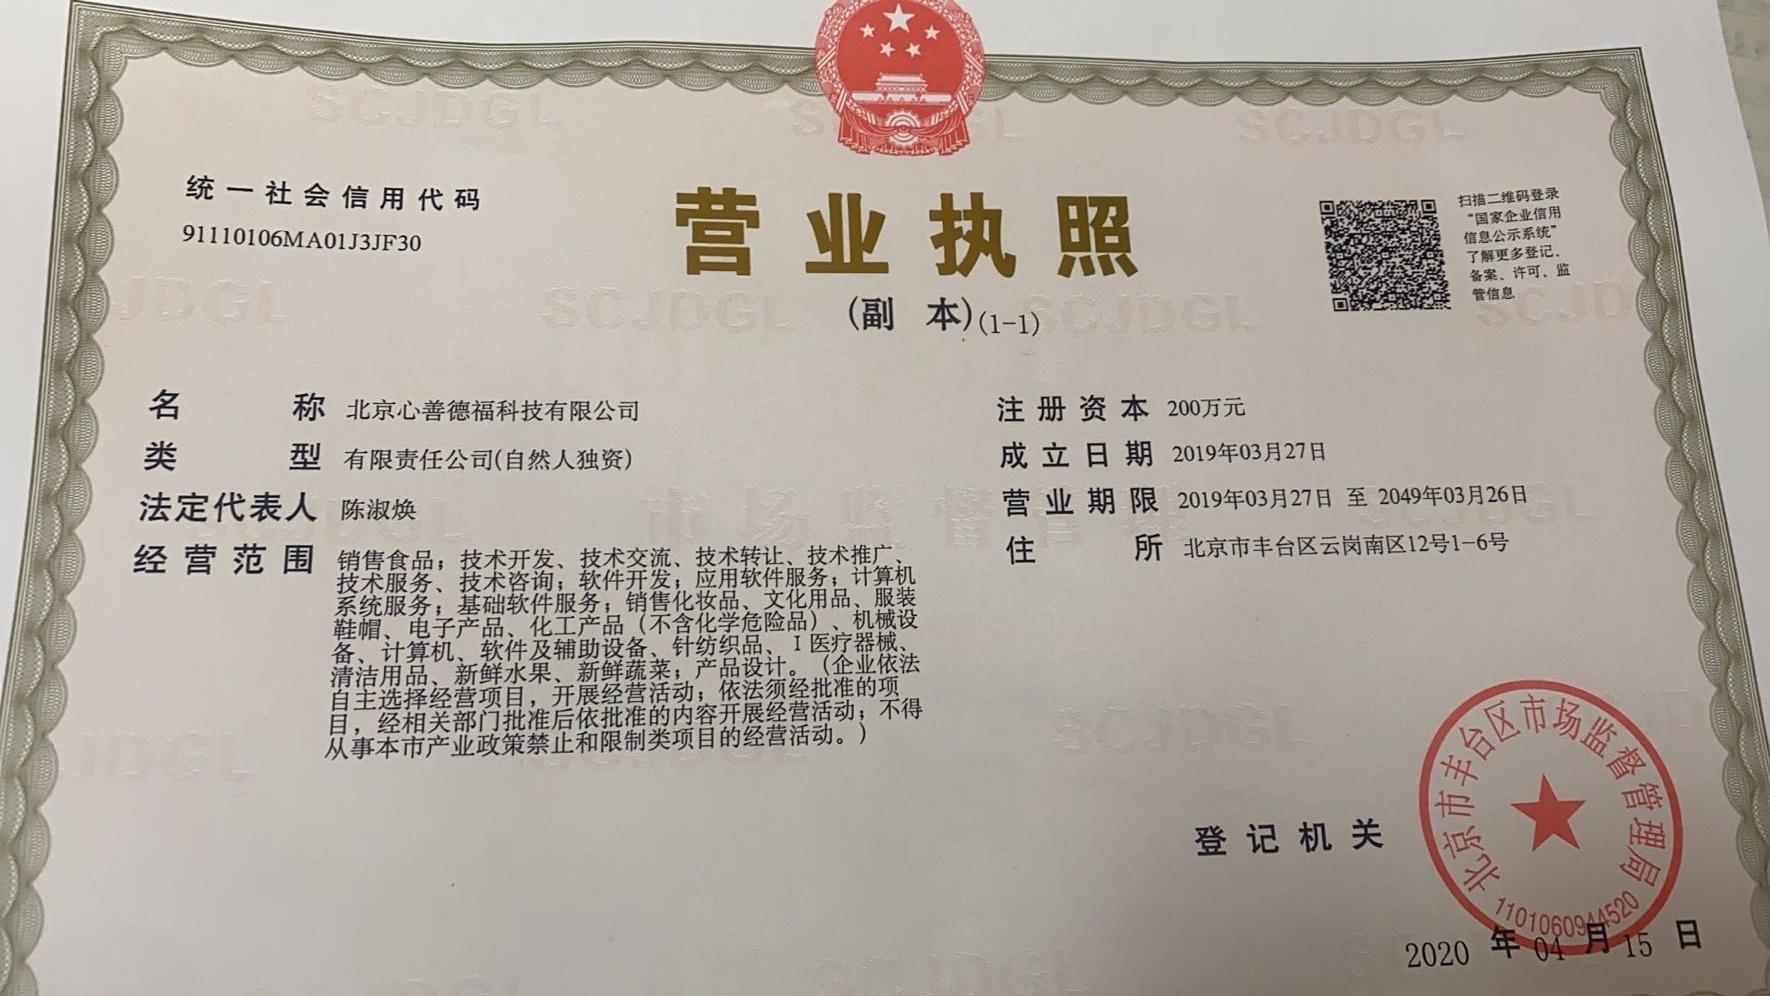 北京心善德福科技有限公司营业执照